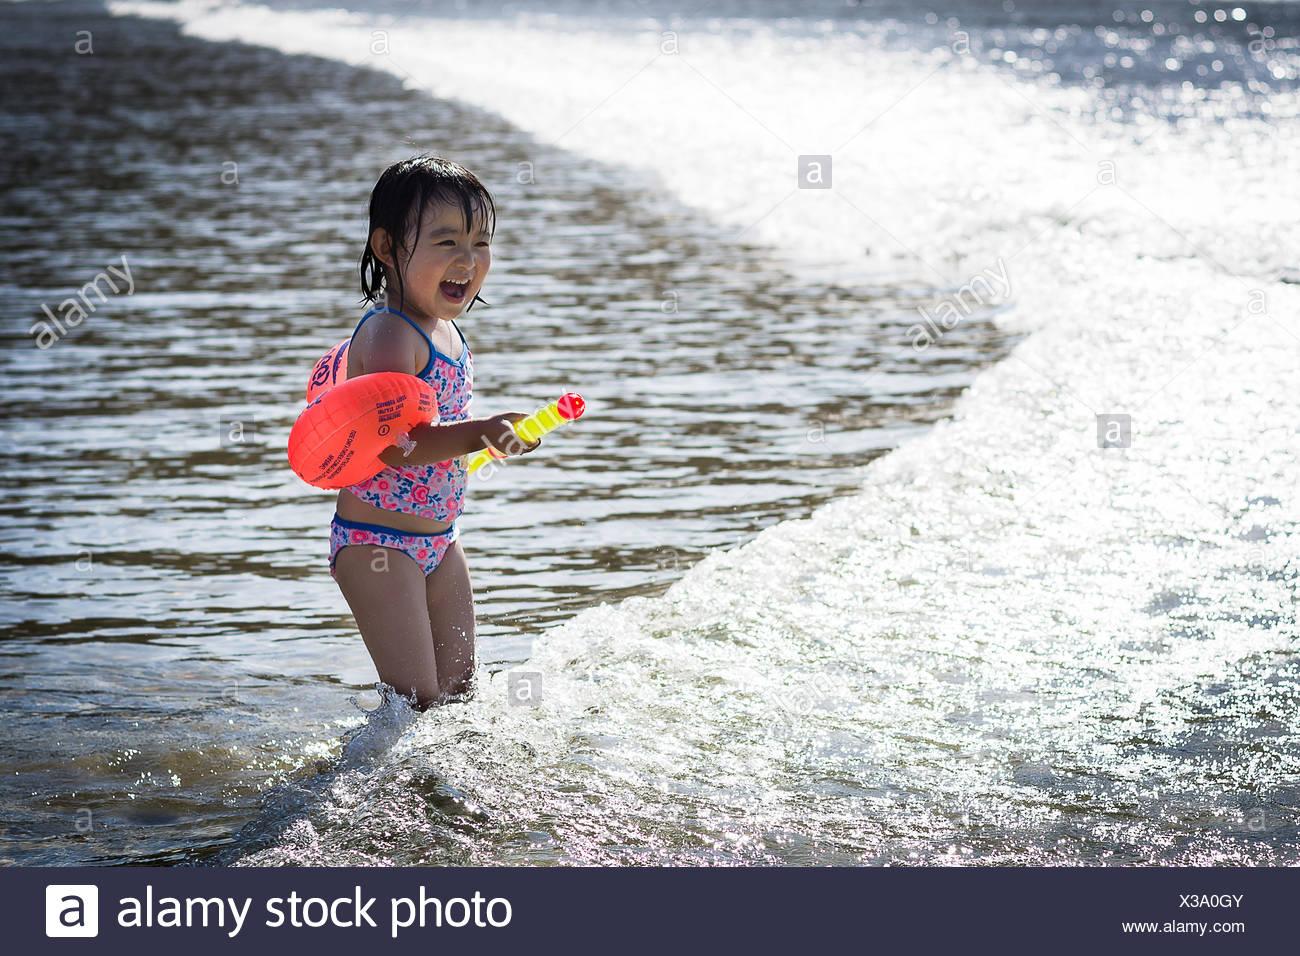 Ragazza indossando costume da bagno e acqua rosso ali giocando in mare increspato Immagini Stock